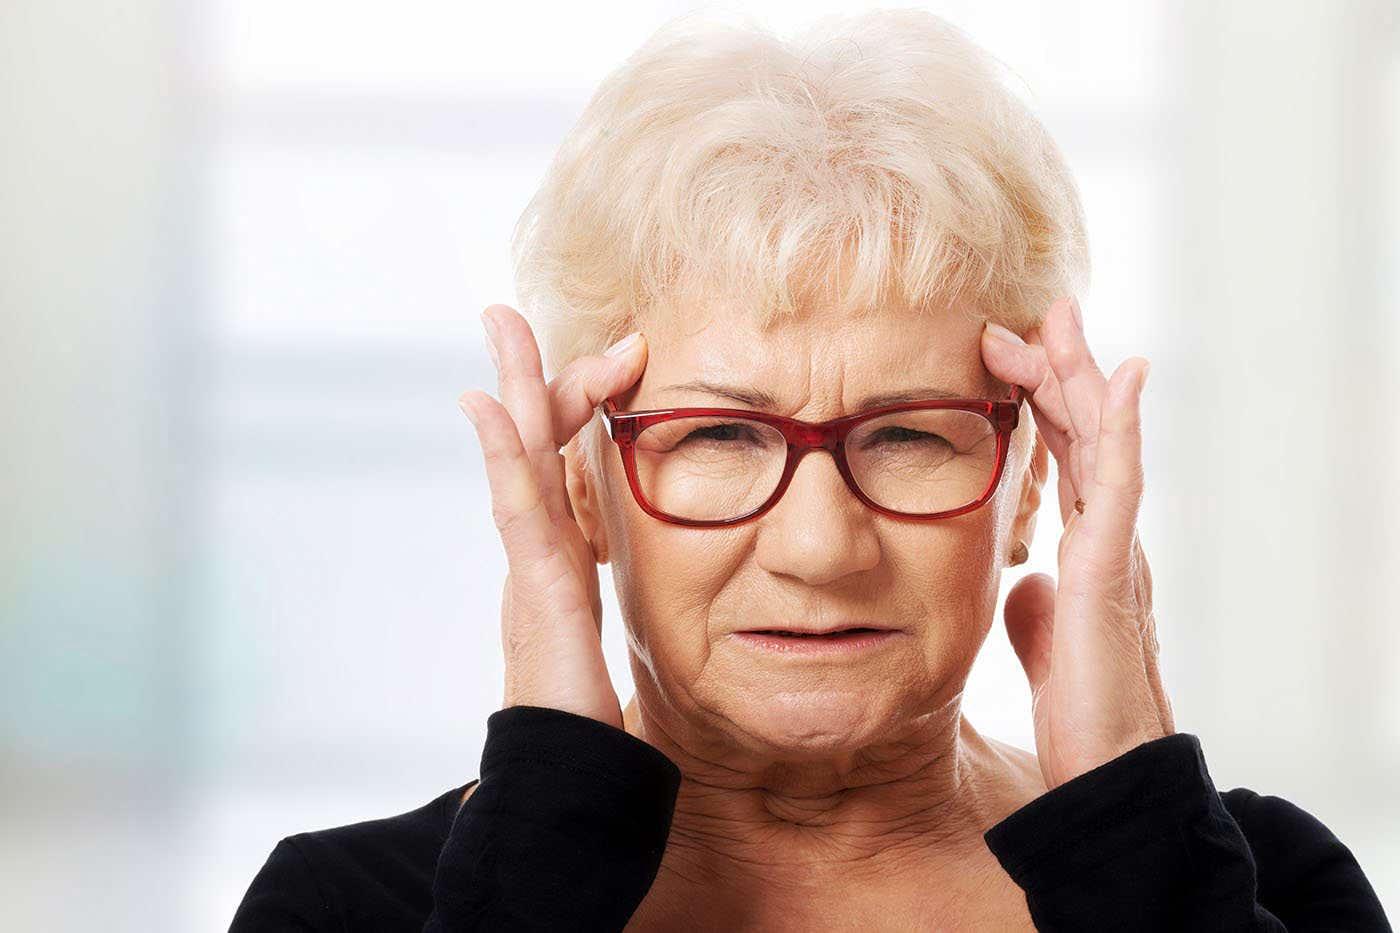 Problemele de vedere cresc riscul de demență la femei [studiu]